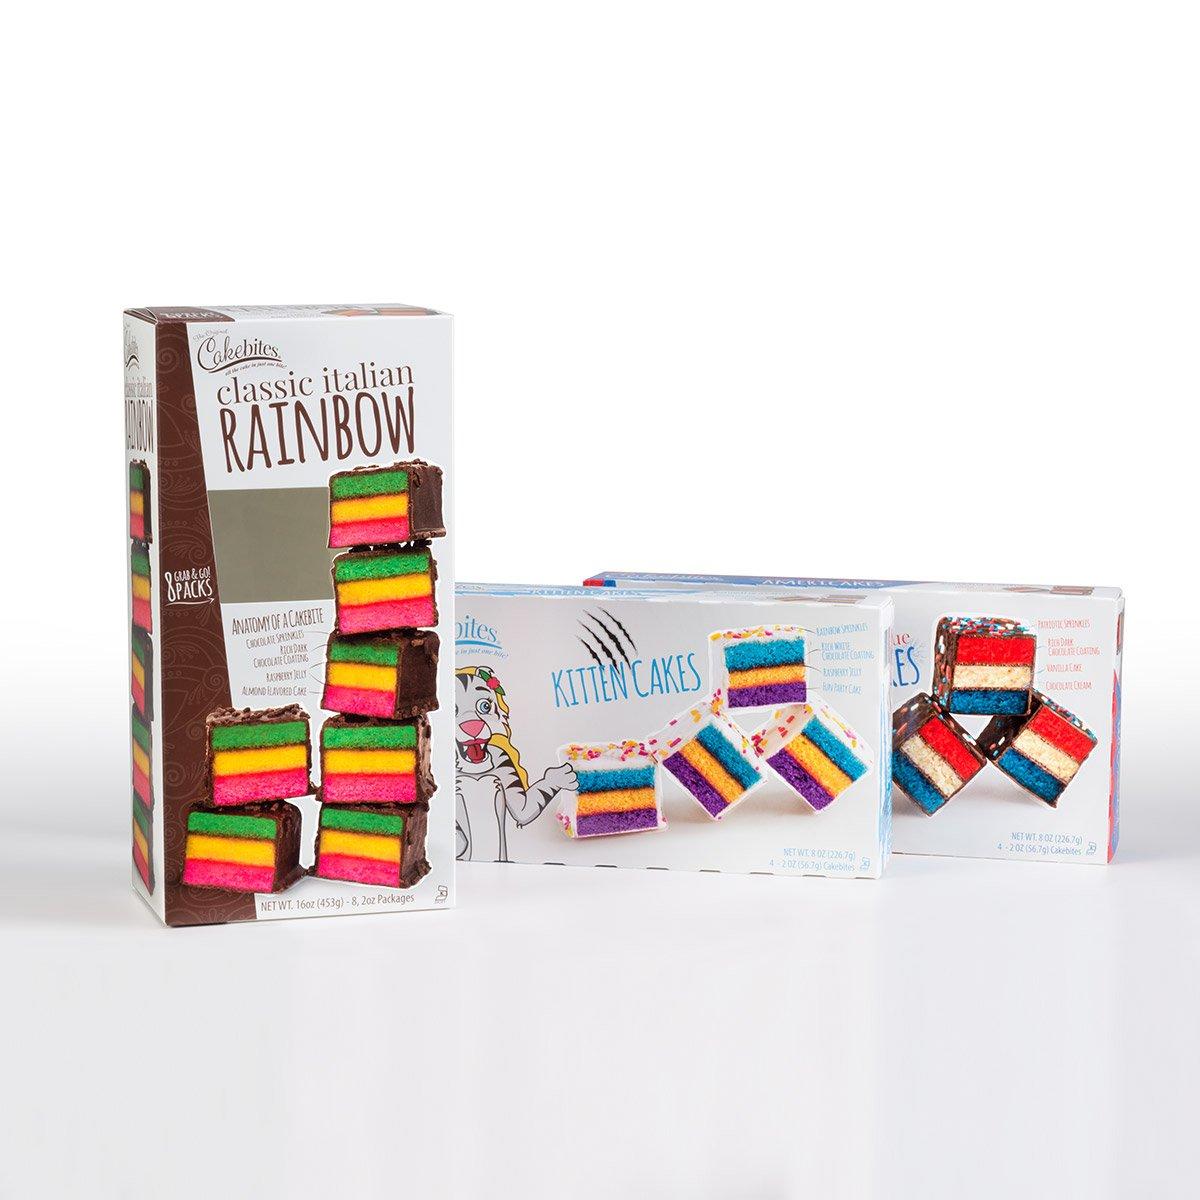 Cakebites Box